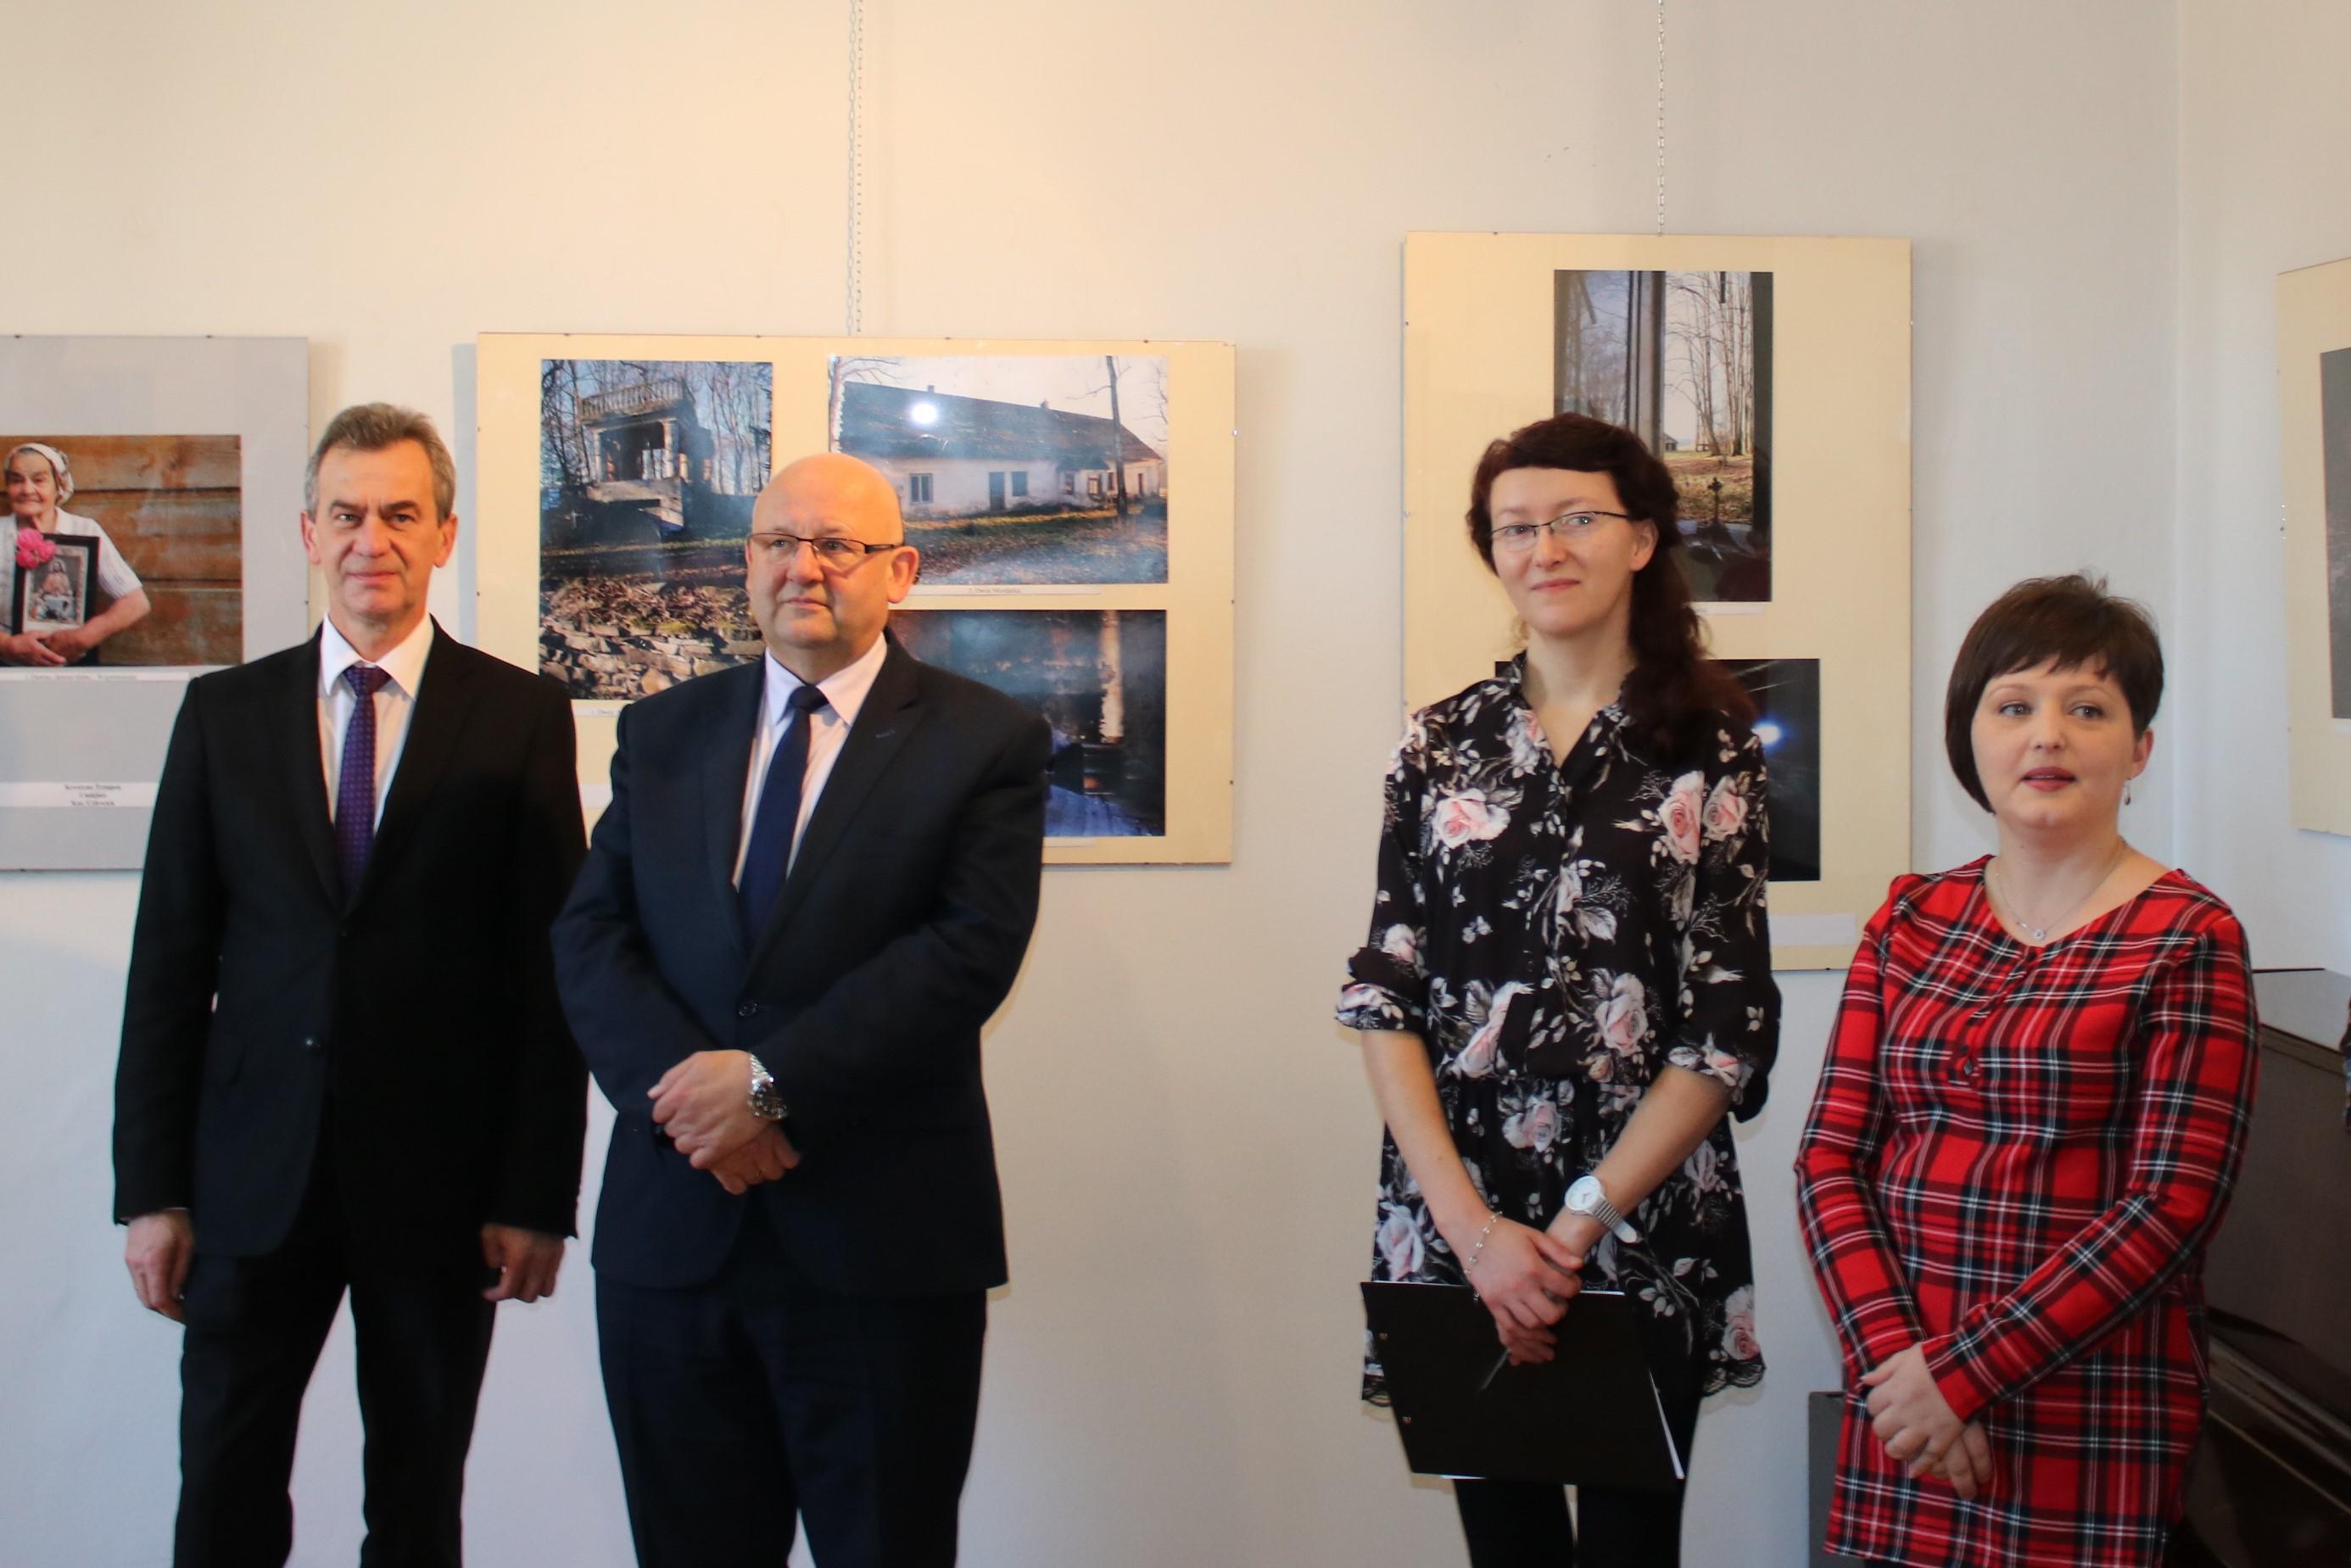 Rozdanie nagród w konkursie fotograficznym na zdjeciu: Starosta Limanowski, Wicestraosta Limanowksi oraz Dyrektor Bliblioteki